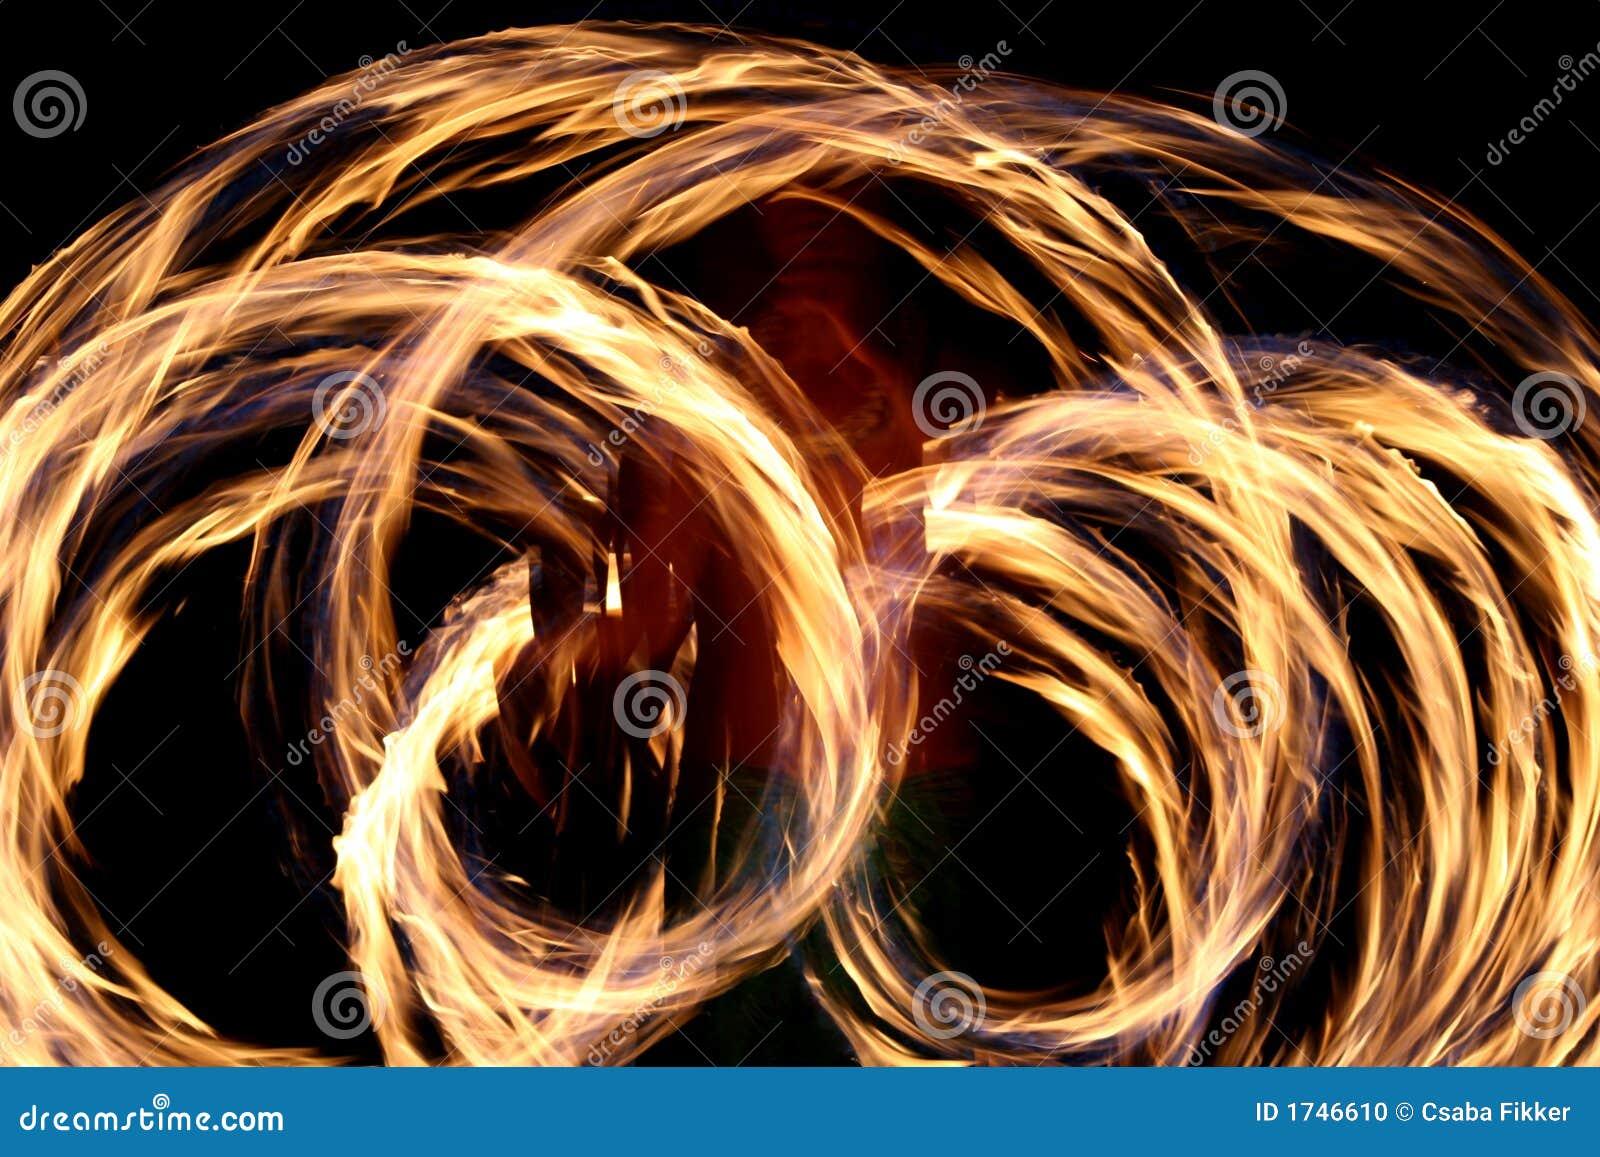 Hawaiian fire dancing